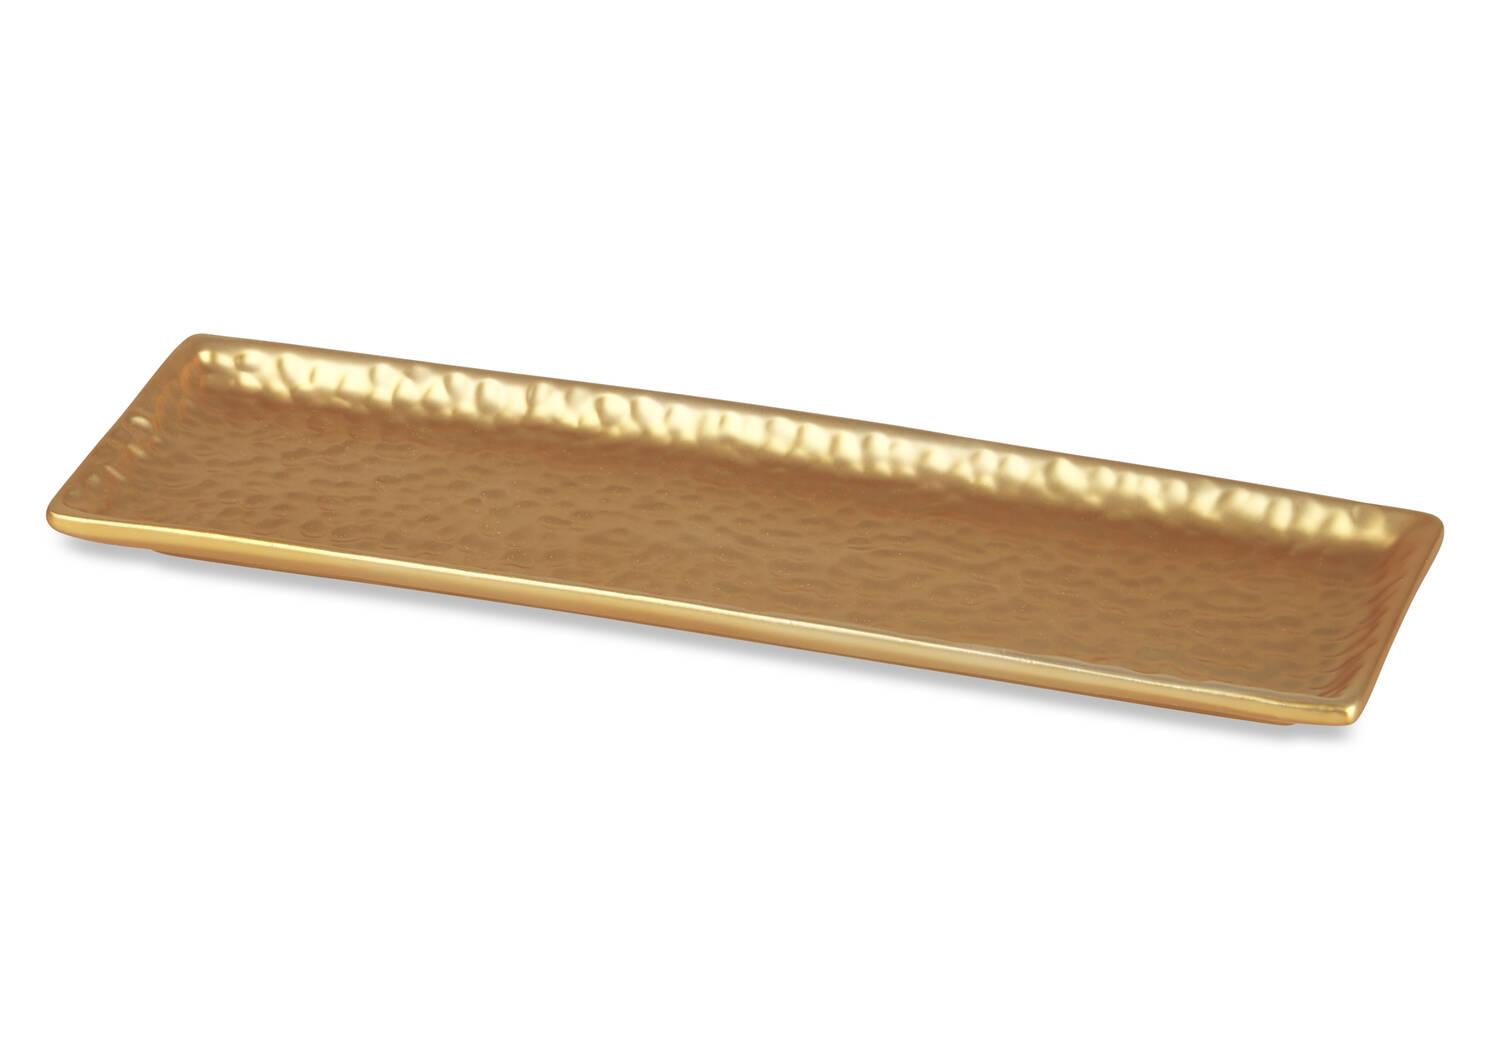 Carlile Jewelry Tray Brass